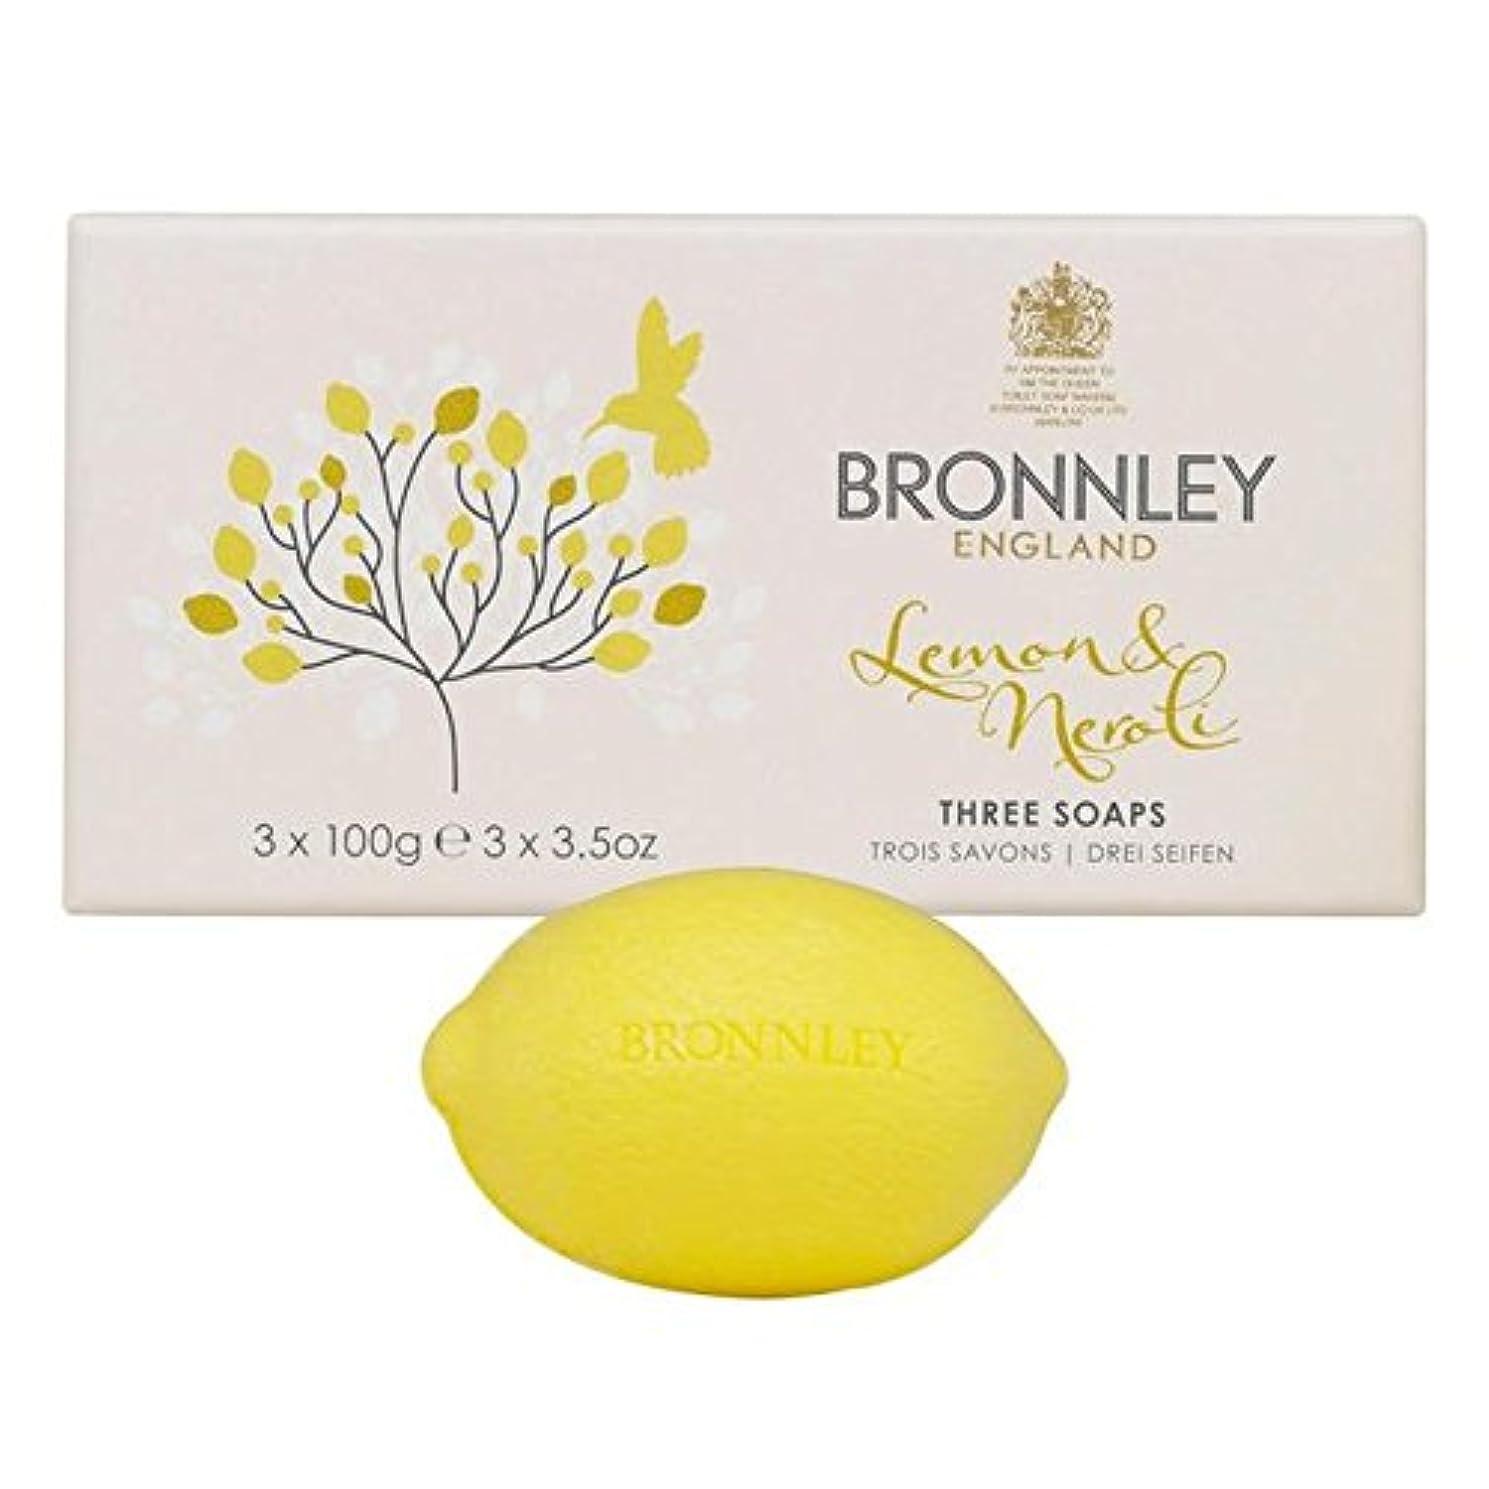 器用一般的に気難しいレモン&ネロリ石鹸3×100グラム x4 - Bronnley Lemon & Neroli Soaps 3 x 100g (Pack of 4) [並行輸入品]